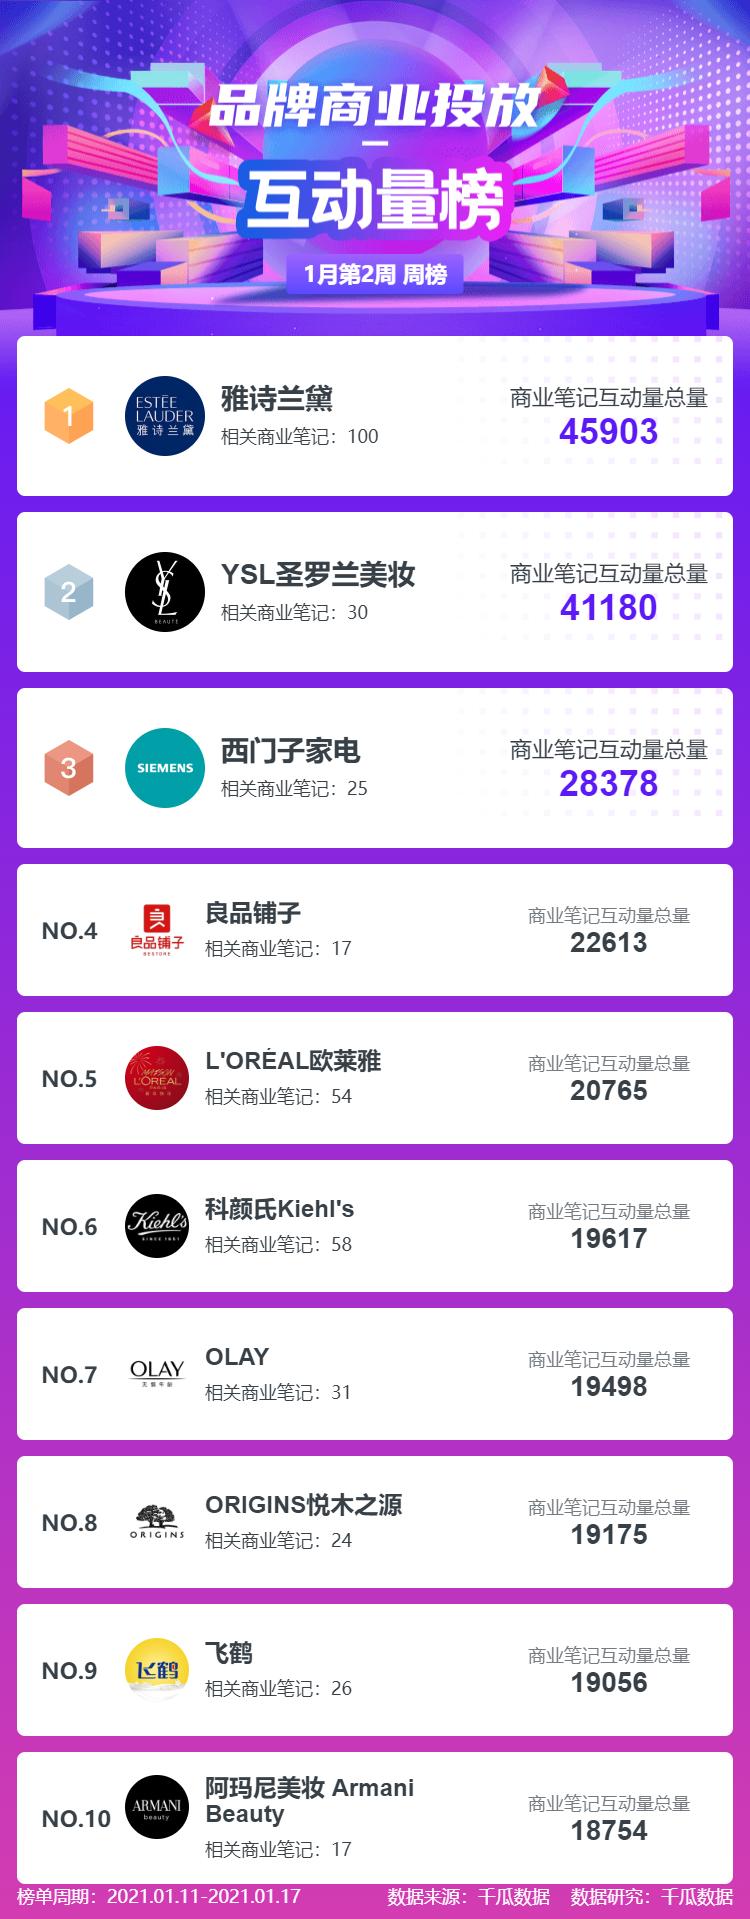 1月第2周 | 小红书品牌机构创作者排行榜